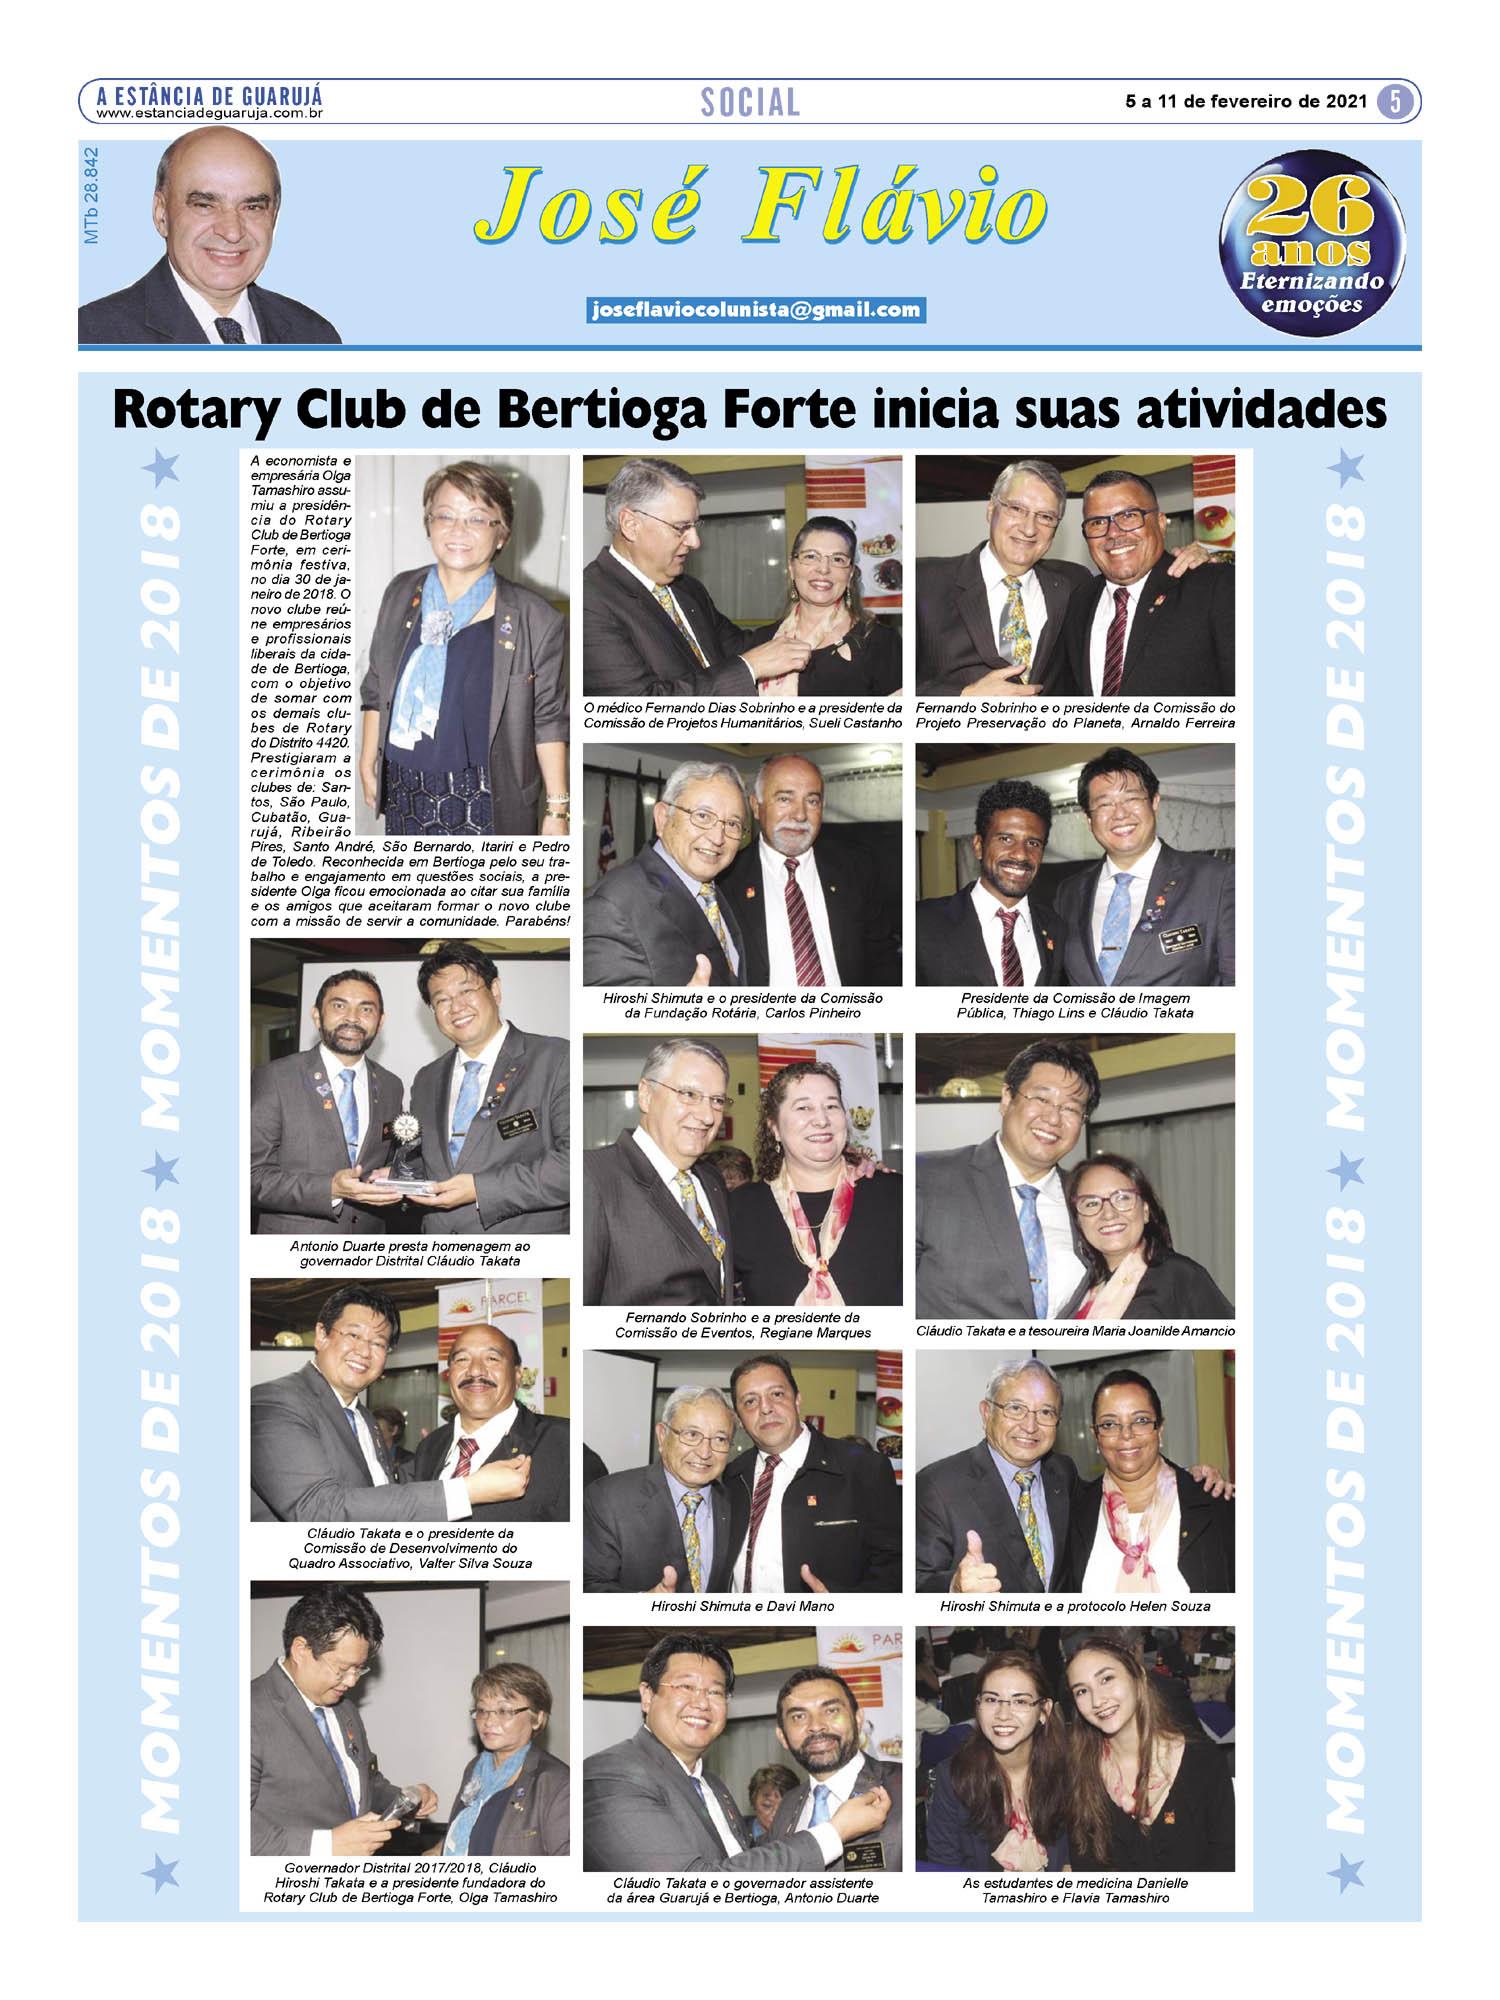 Rotary Club de Bertioga Forte inicia suas atividades